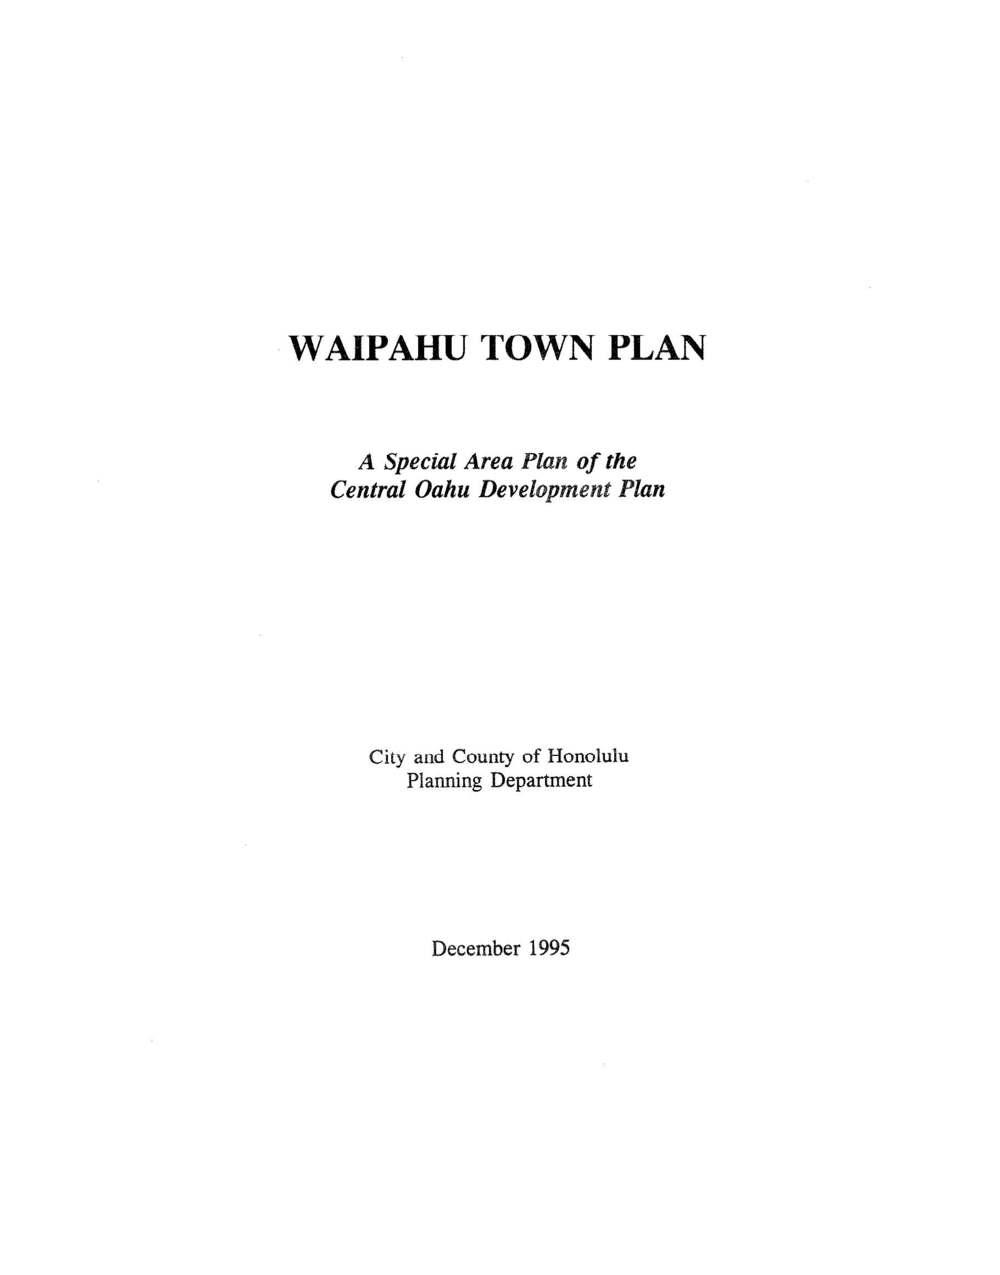 160531_WaipahuTownPlan(1995)_Page_02.jpg